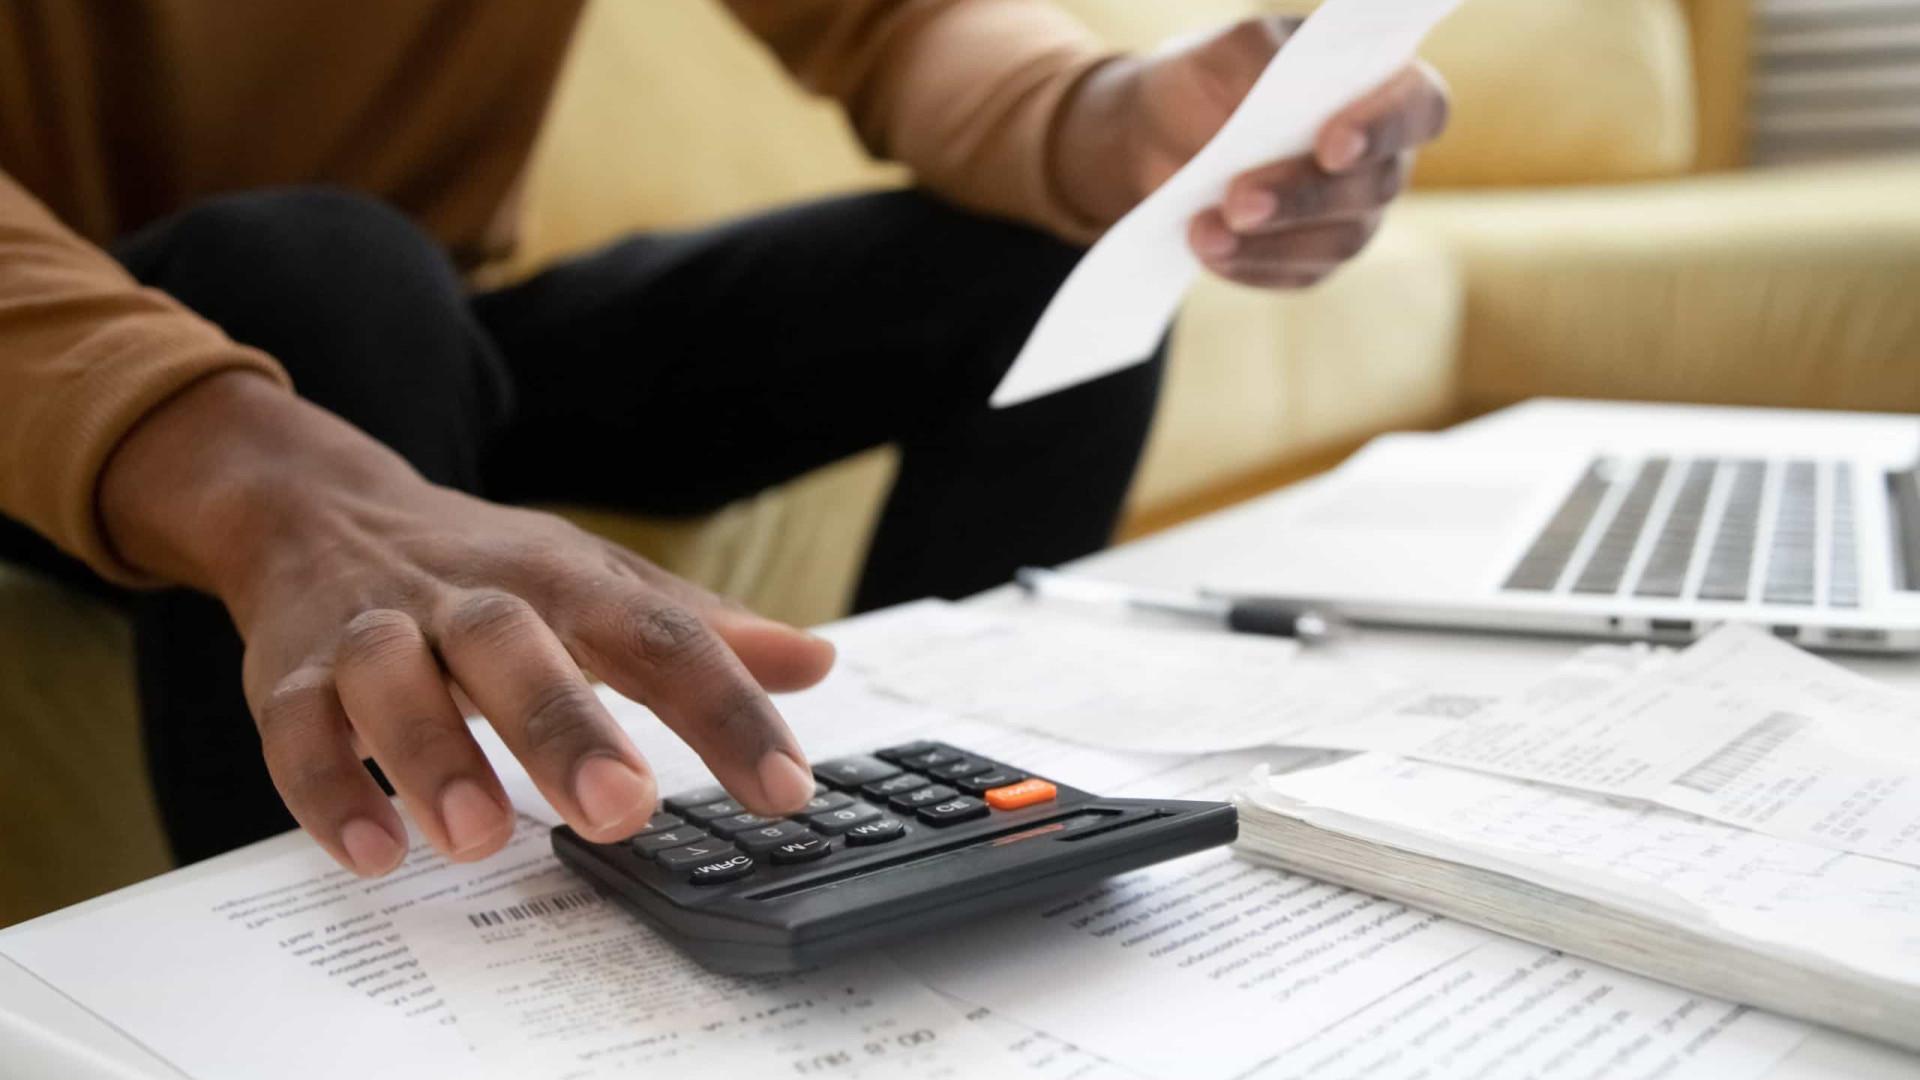 Brasileiros já pagaram mais de R$ 1 trilhão em impostos este ano